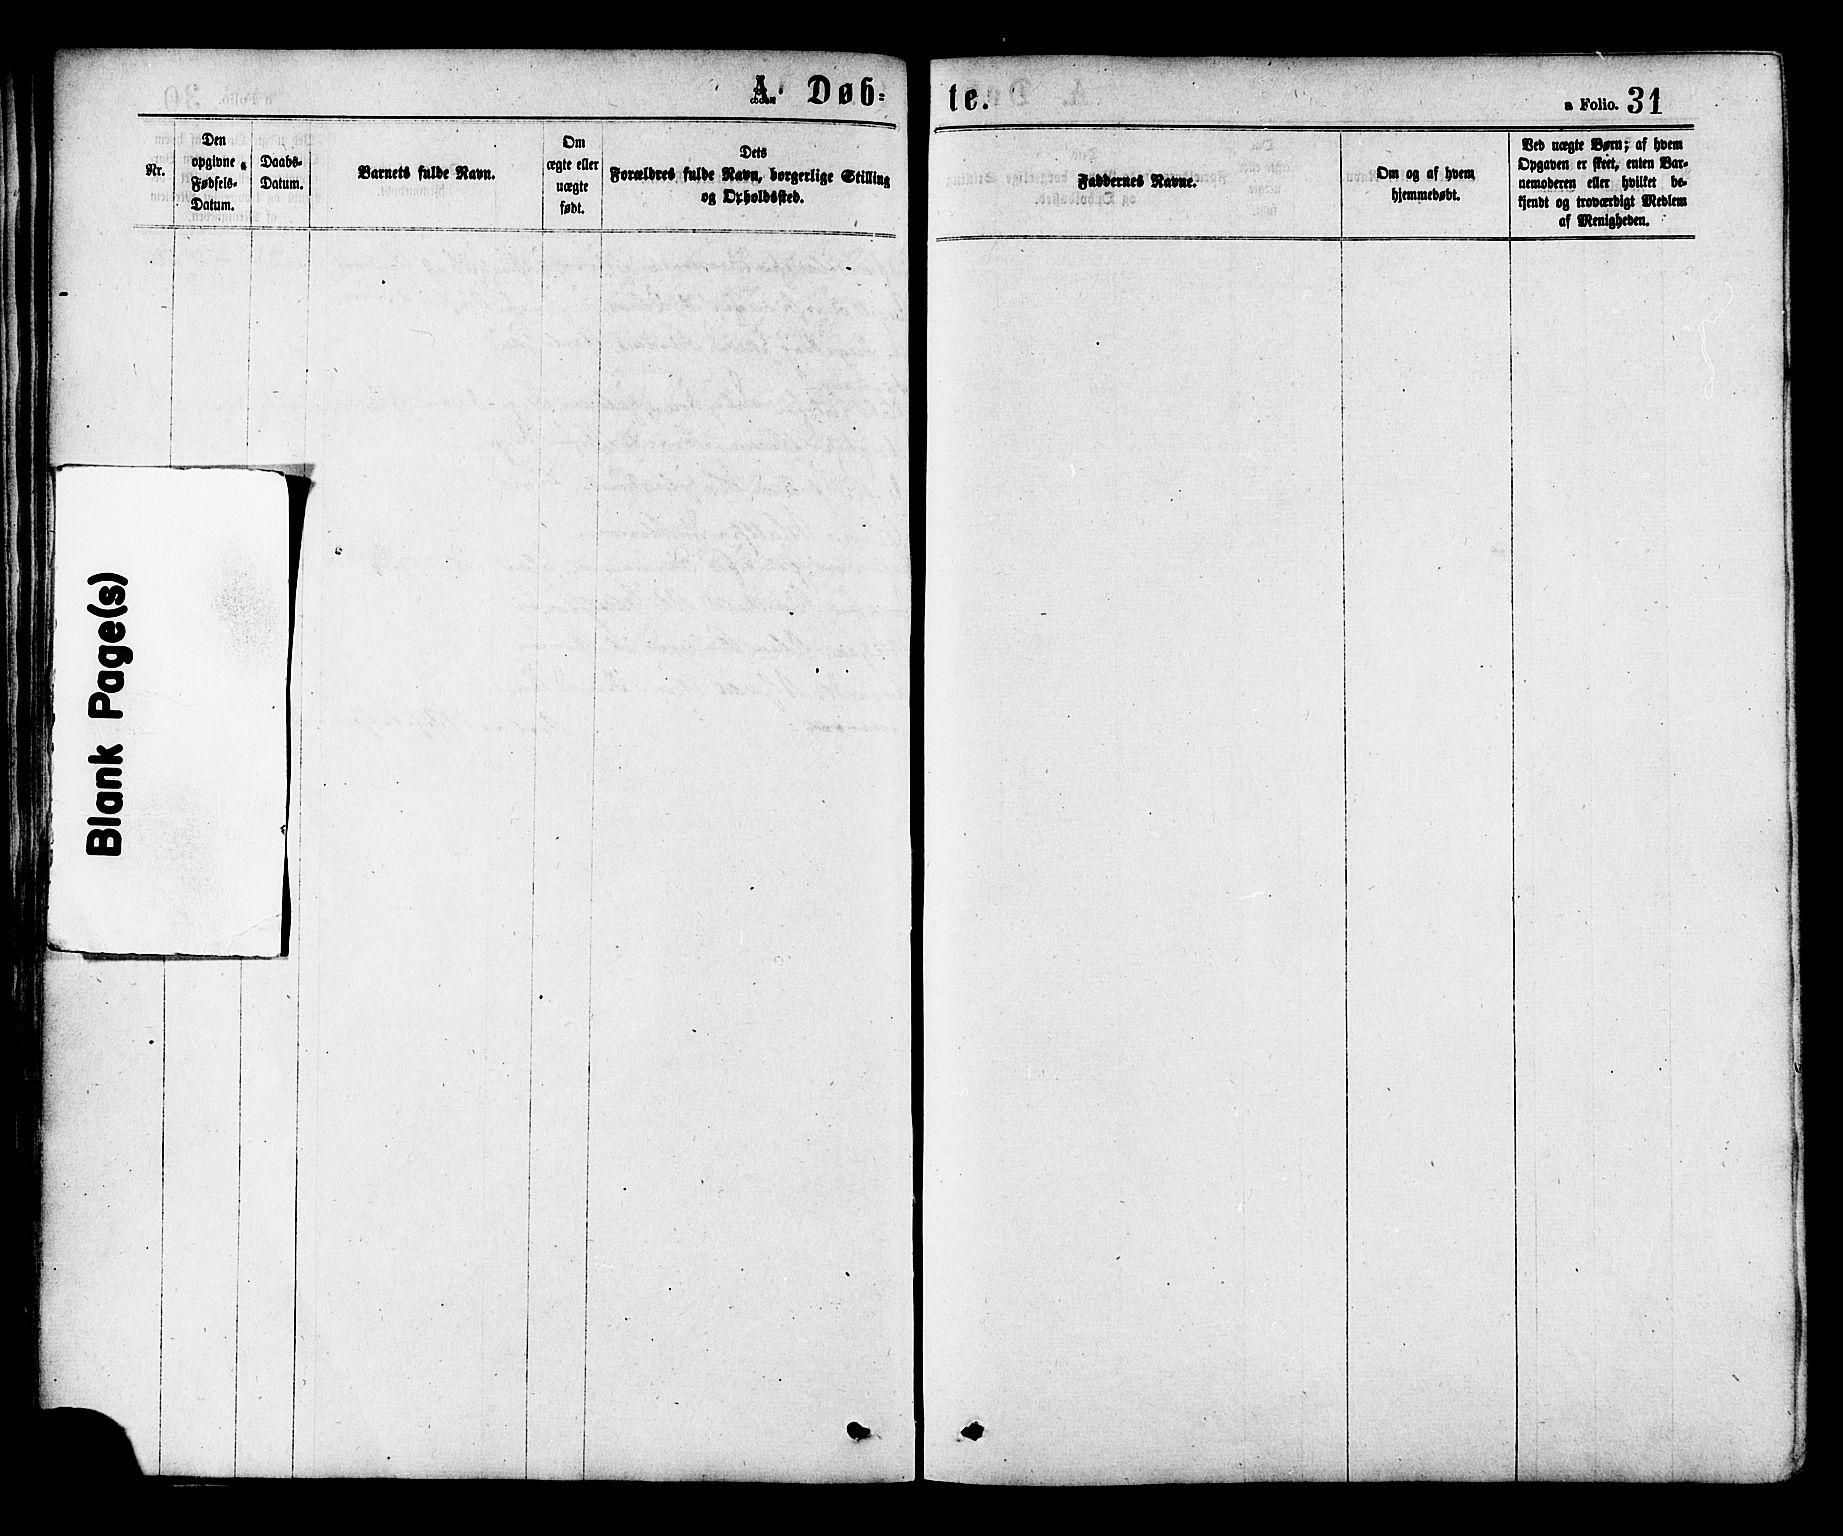 SAT, Ministerialprotokoller, klokkerbøker og fødselsregistre - Nord-Trøndelag, 758/L0516: Ministerialbok nr. 758A03 /1, 1869-1879, s. 31